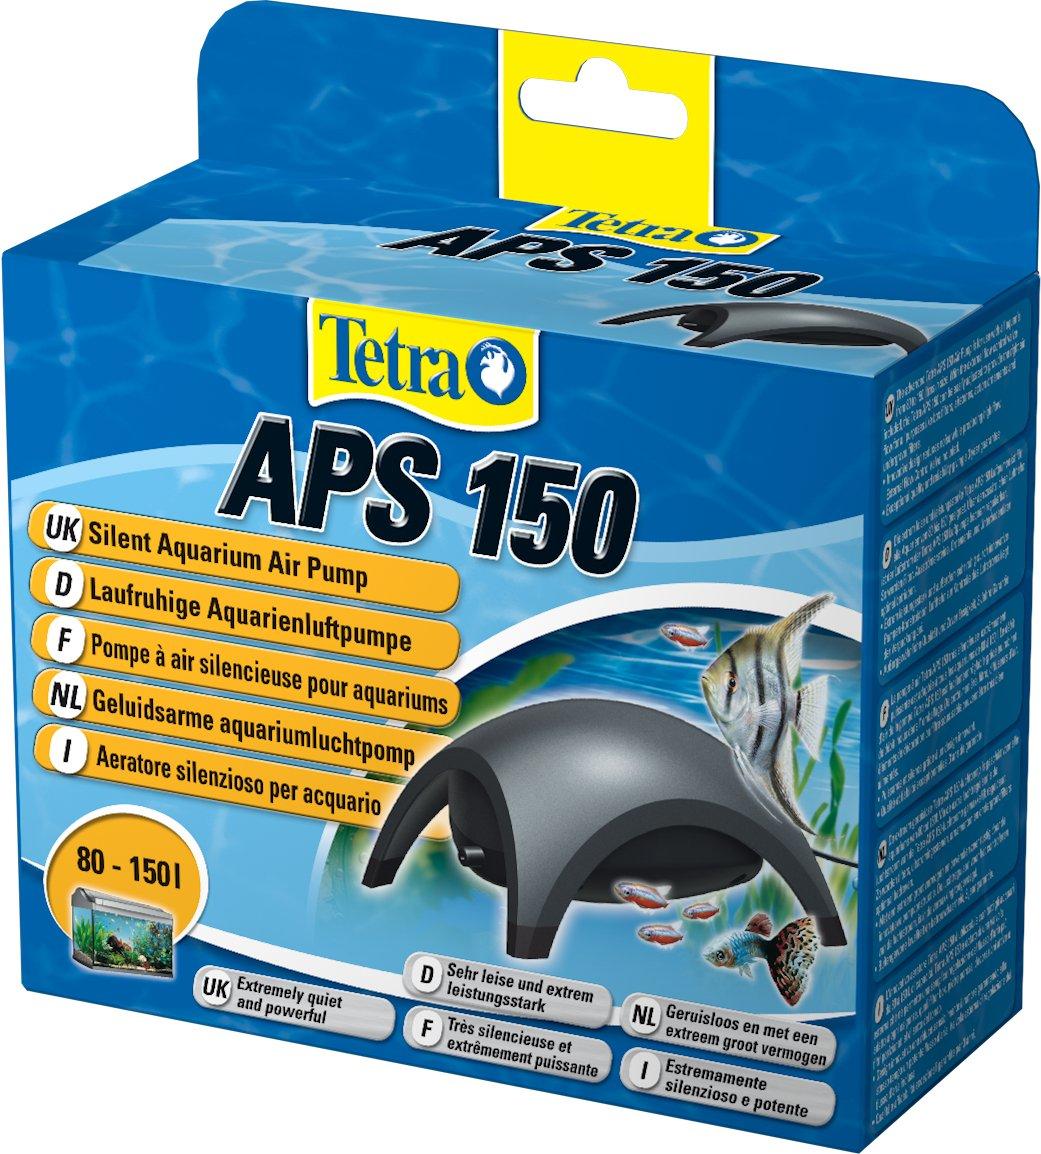 Shop TetraTec APS 150